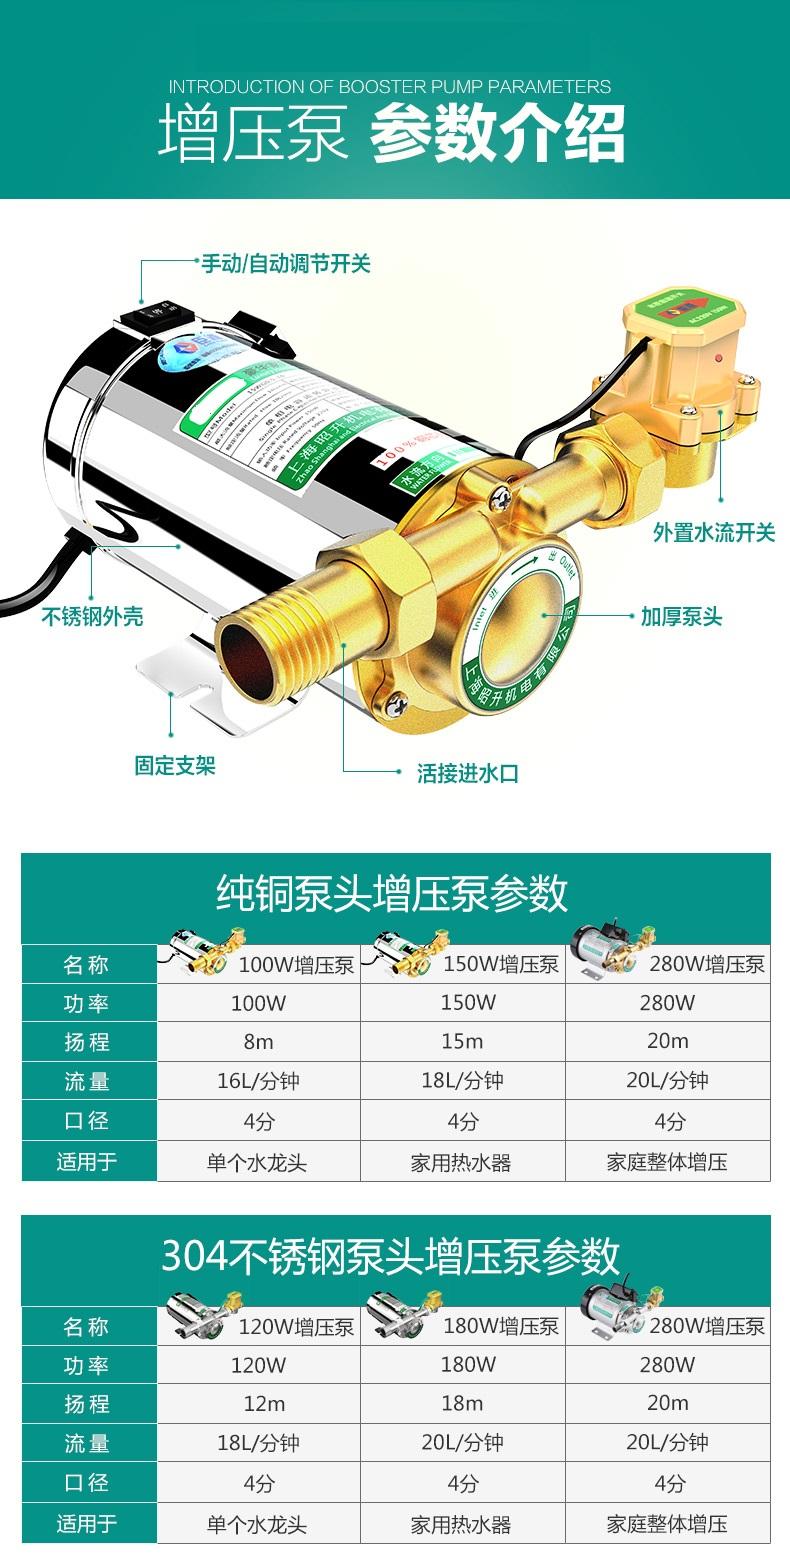 自动增压泵型号参数